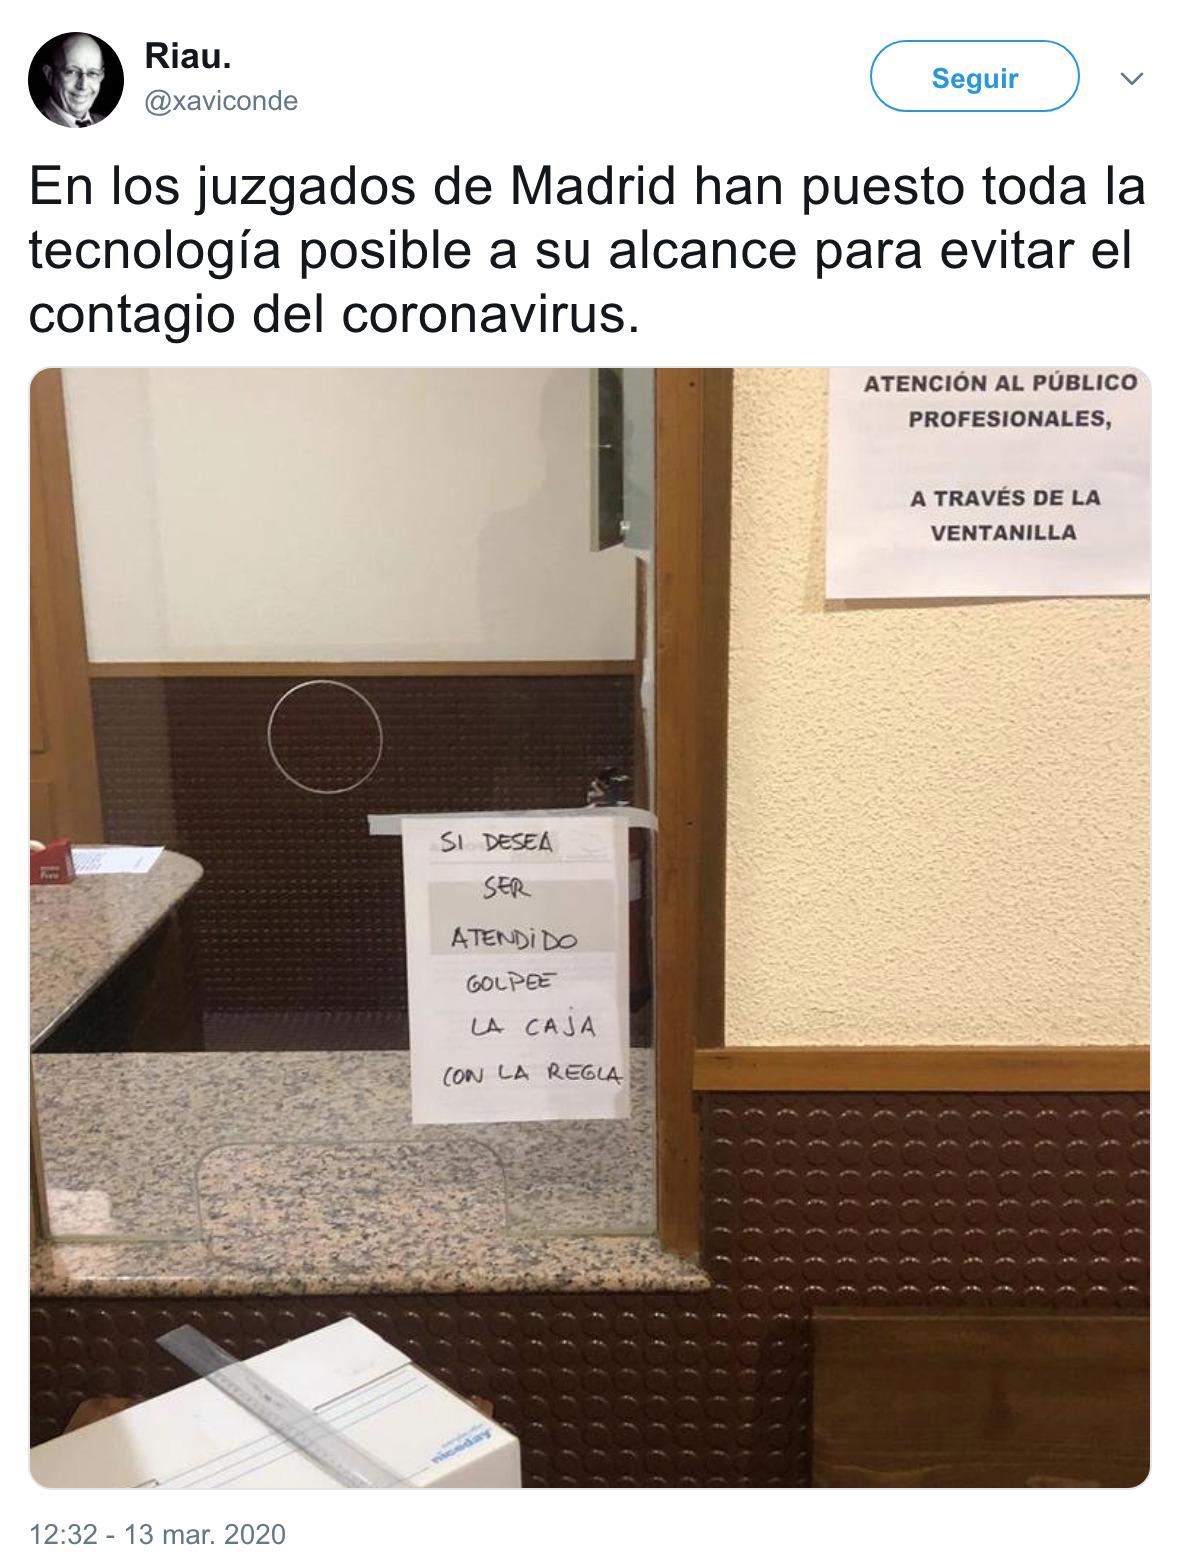 2337 - En los juzgados de Madrid han puesto toda la tecnología posible a su alcance para evitar el contagio del coronavirus